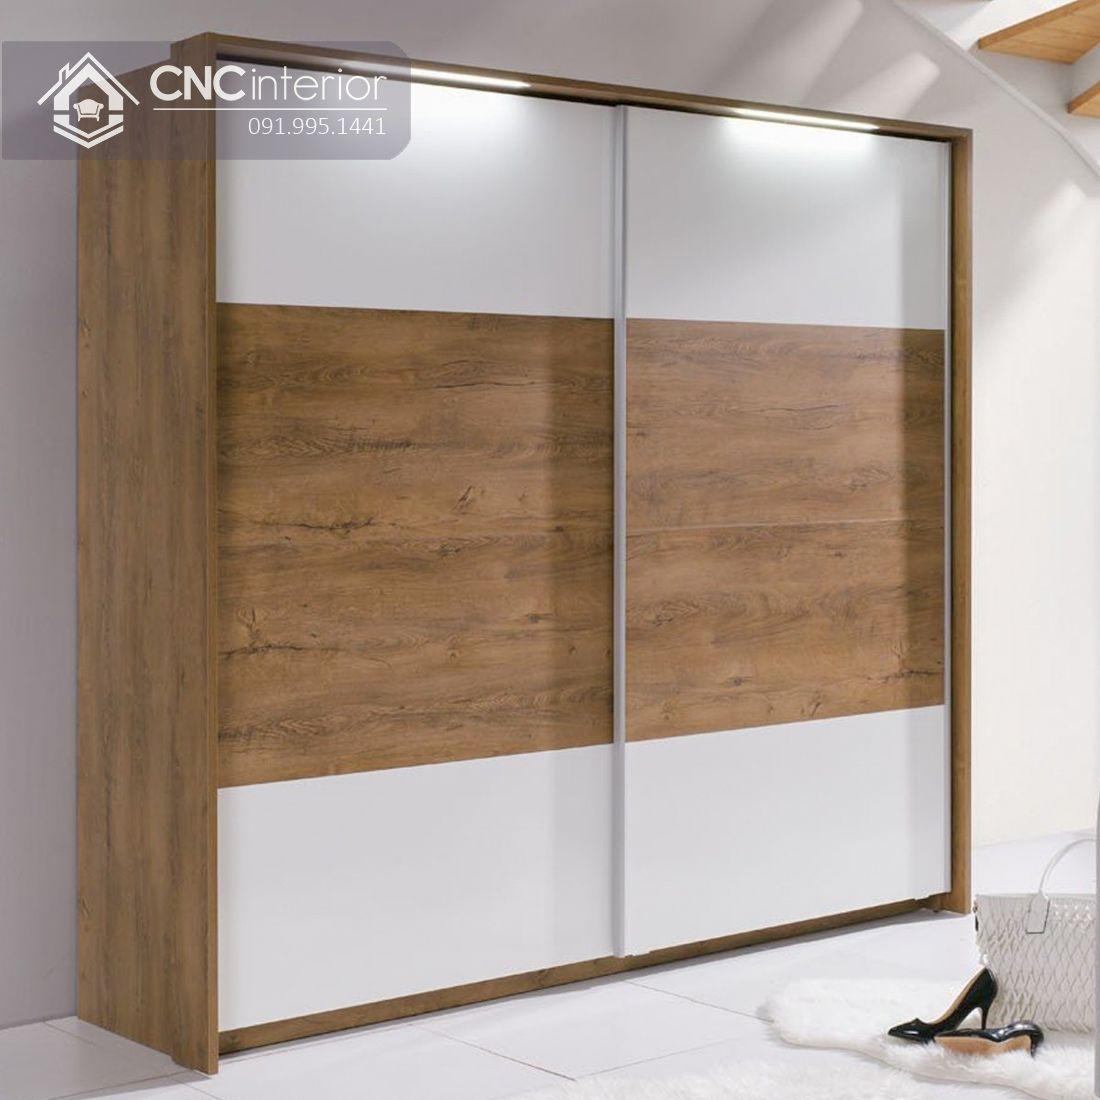 Tủ quần áo cửa lùa gỗ công nghiệp cao cấp CNC 31